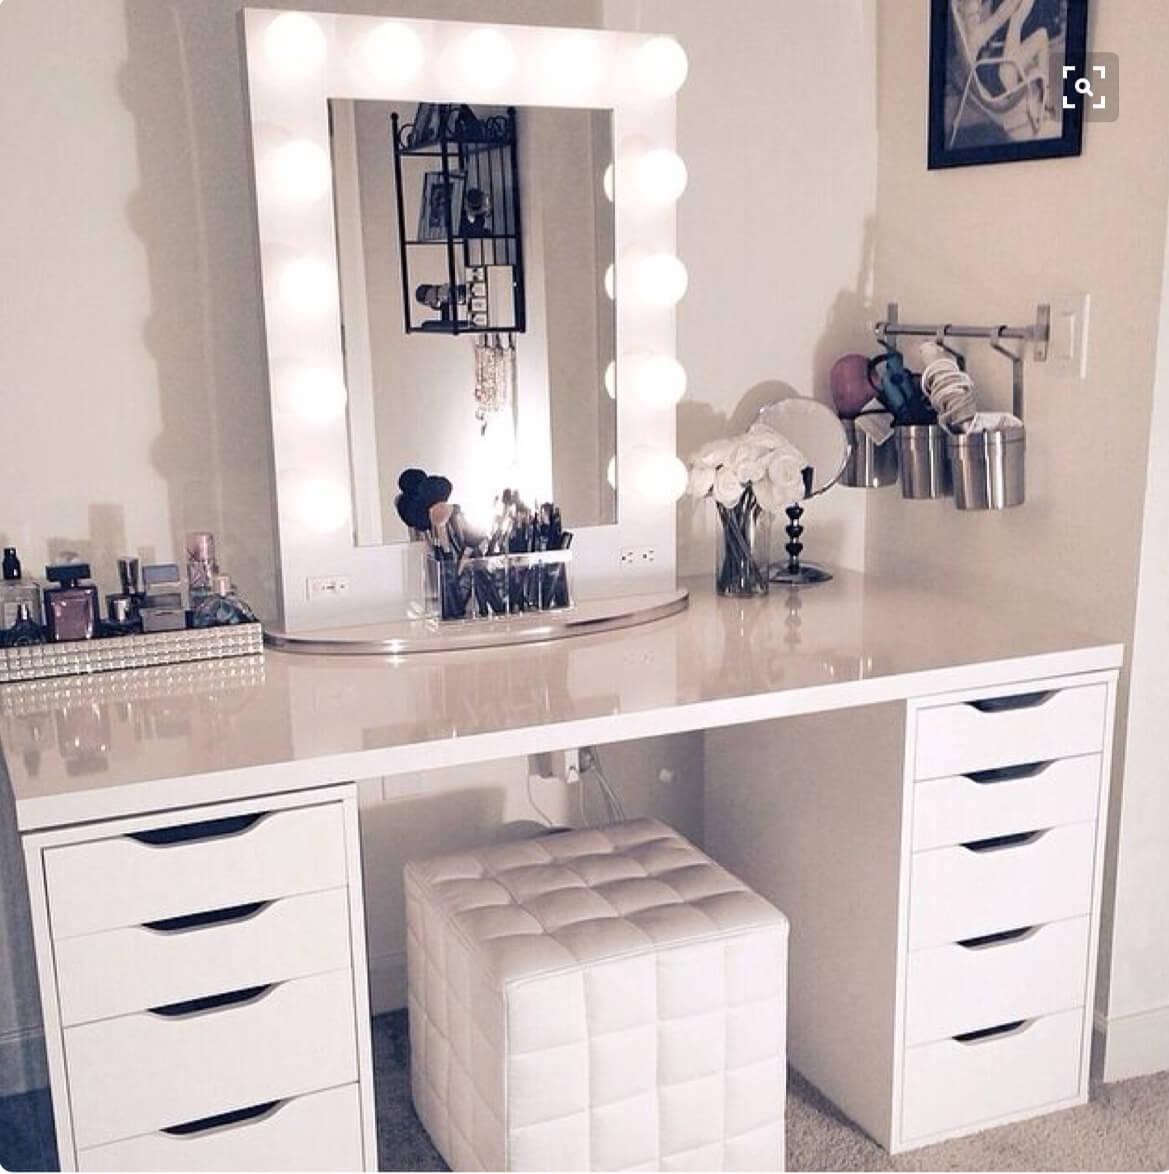 Vanité blanche monochrome et miroir encadré